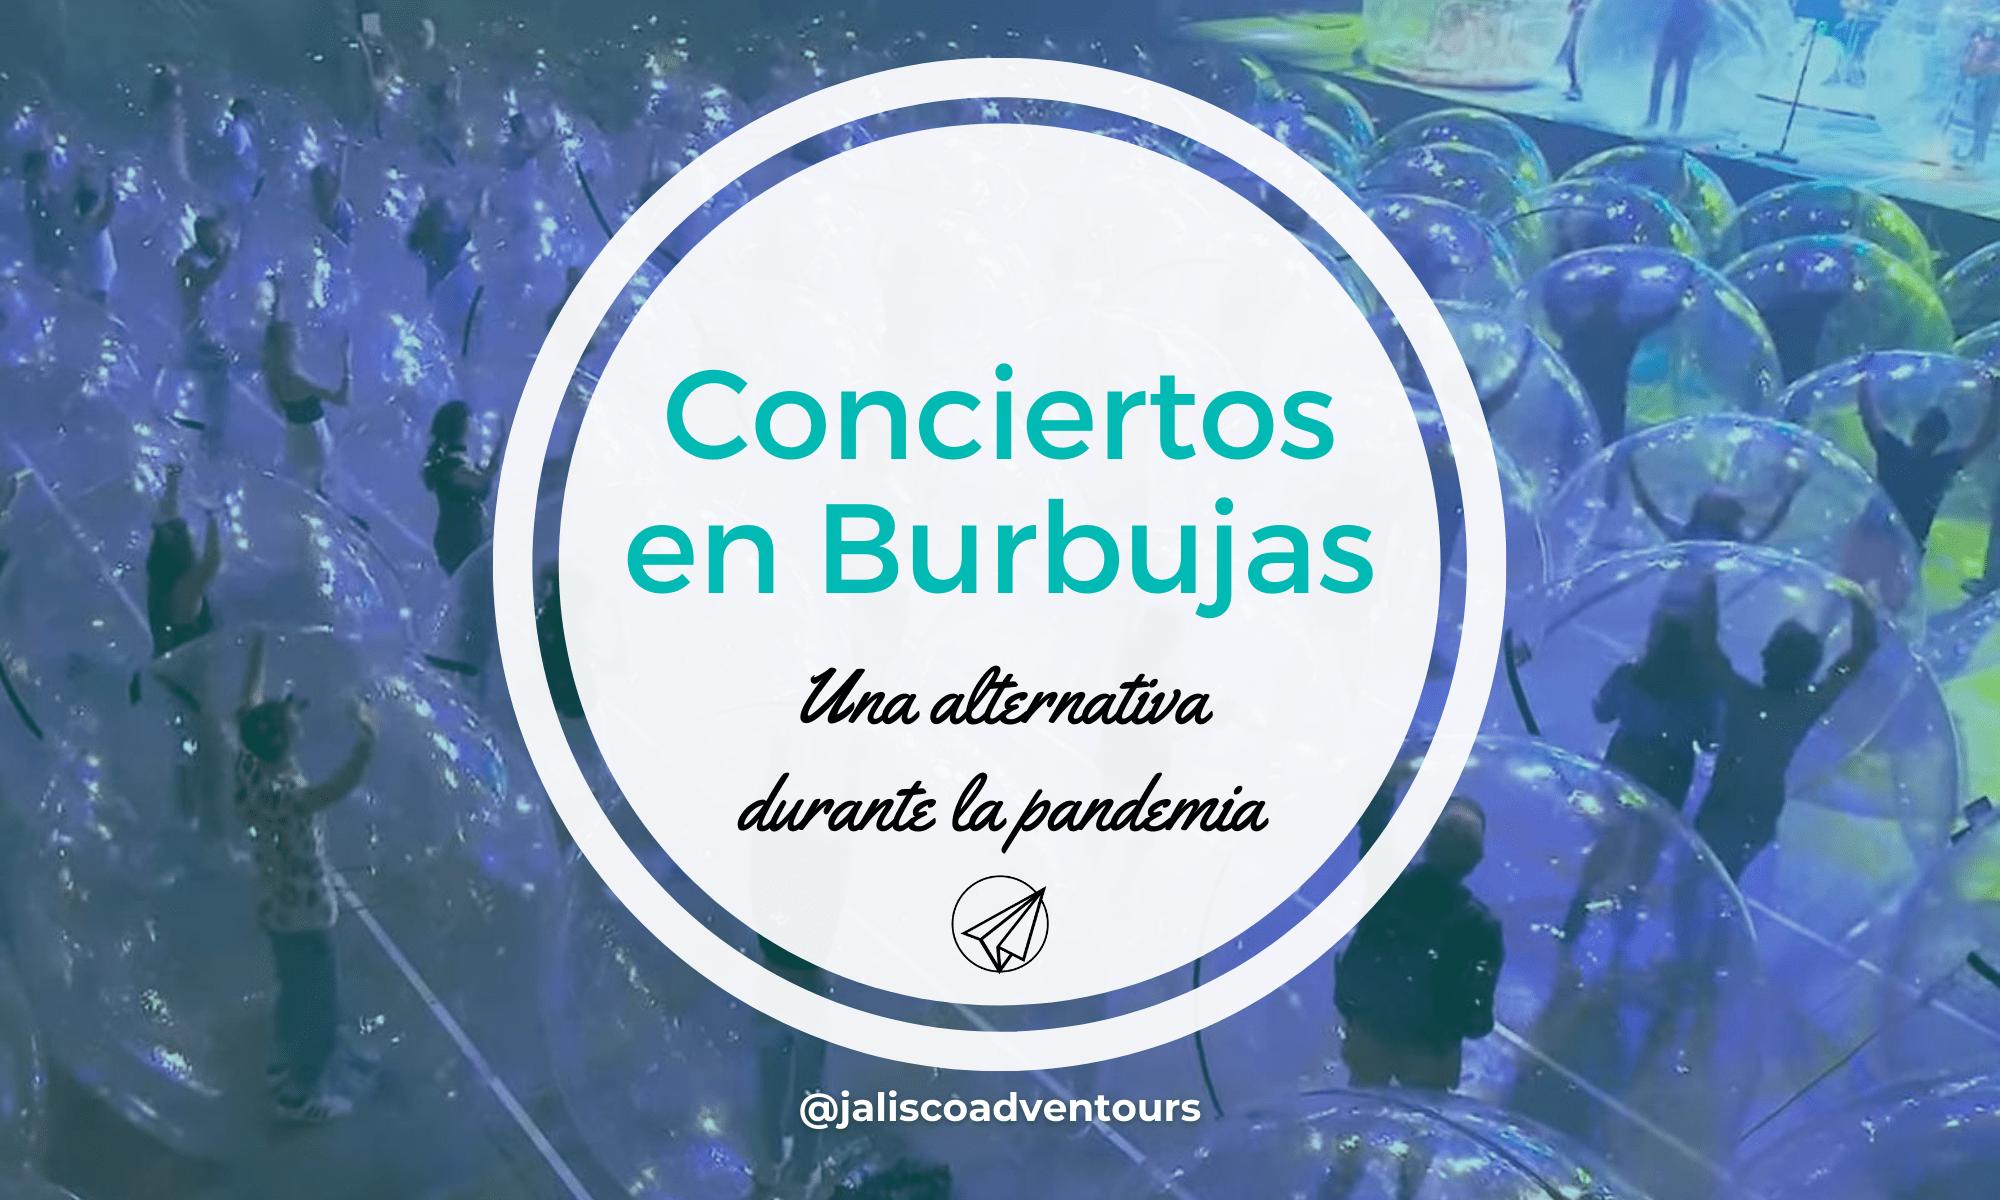 conciertos en burbujas